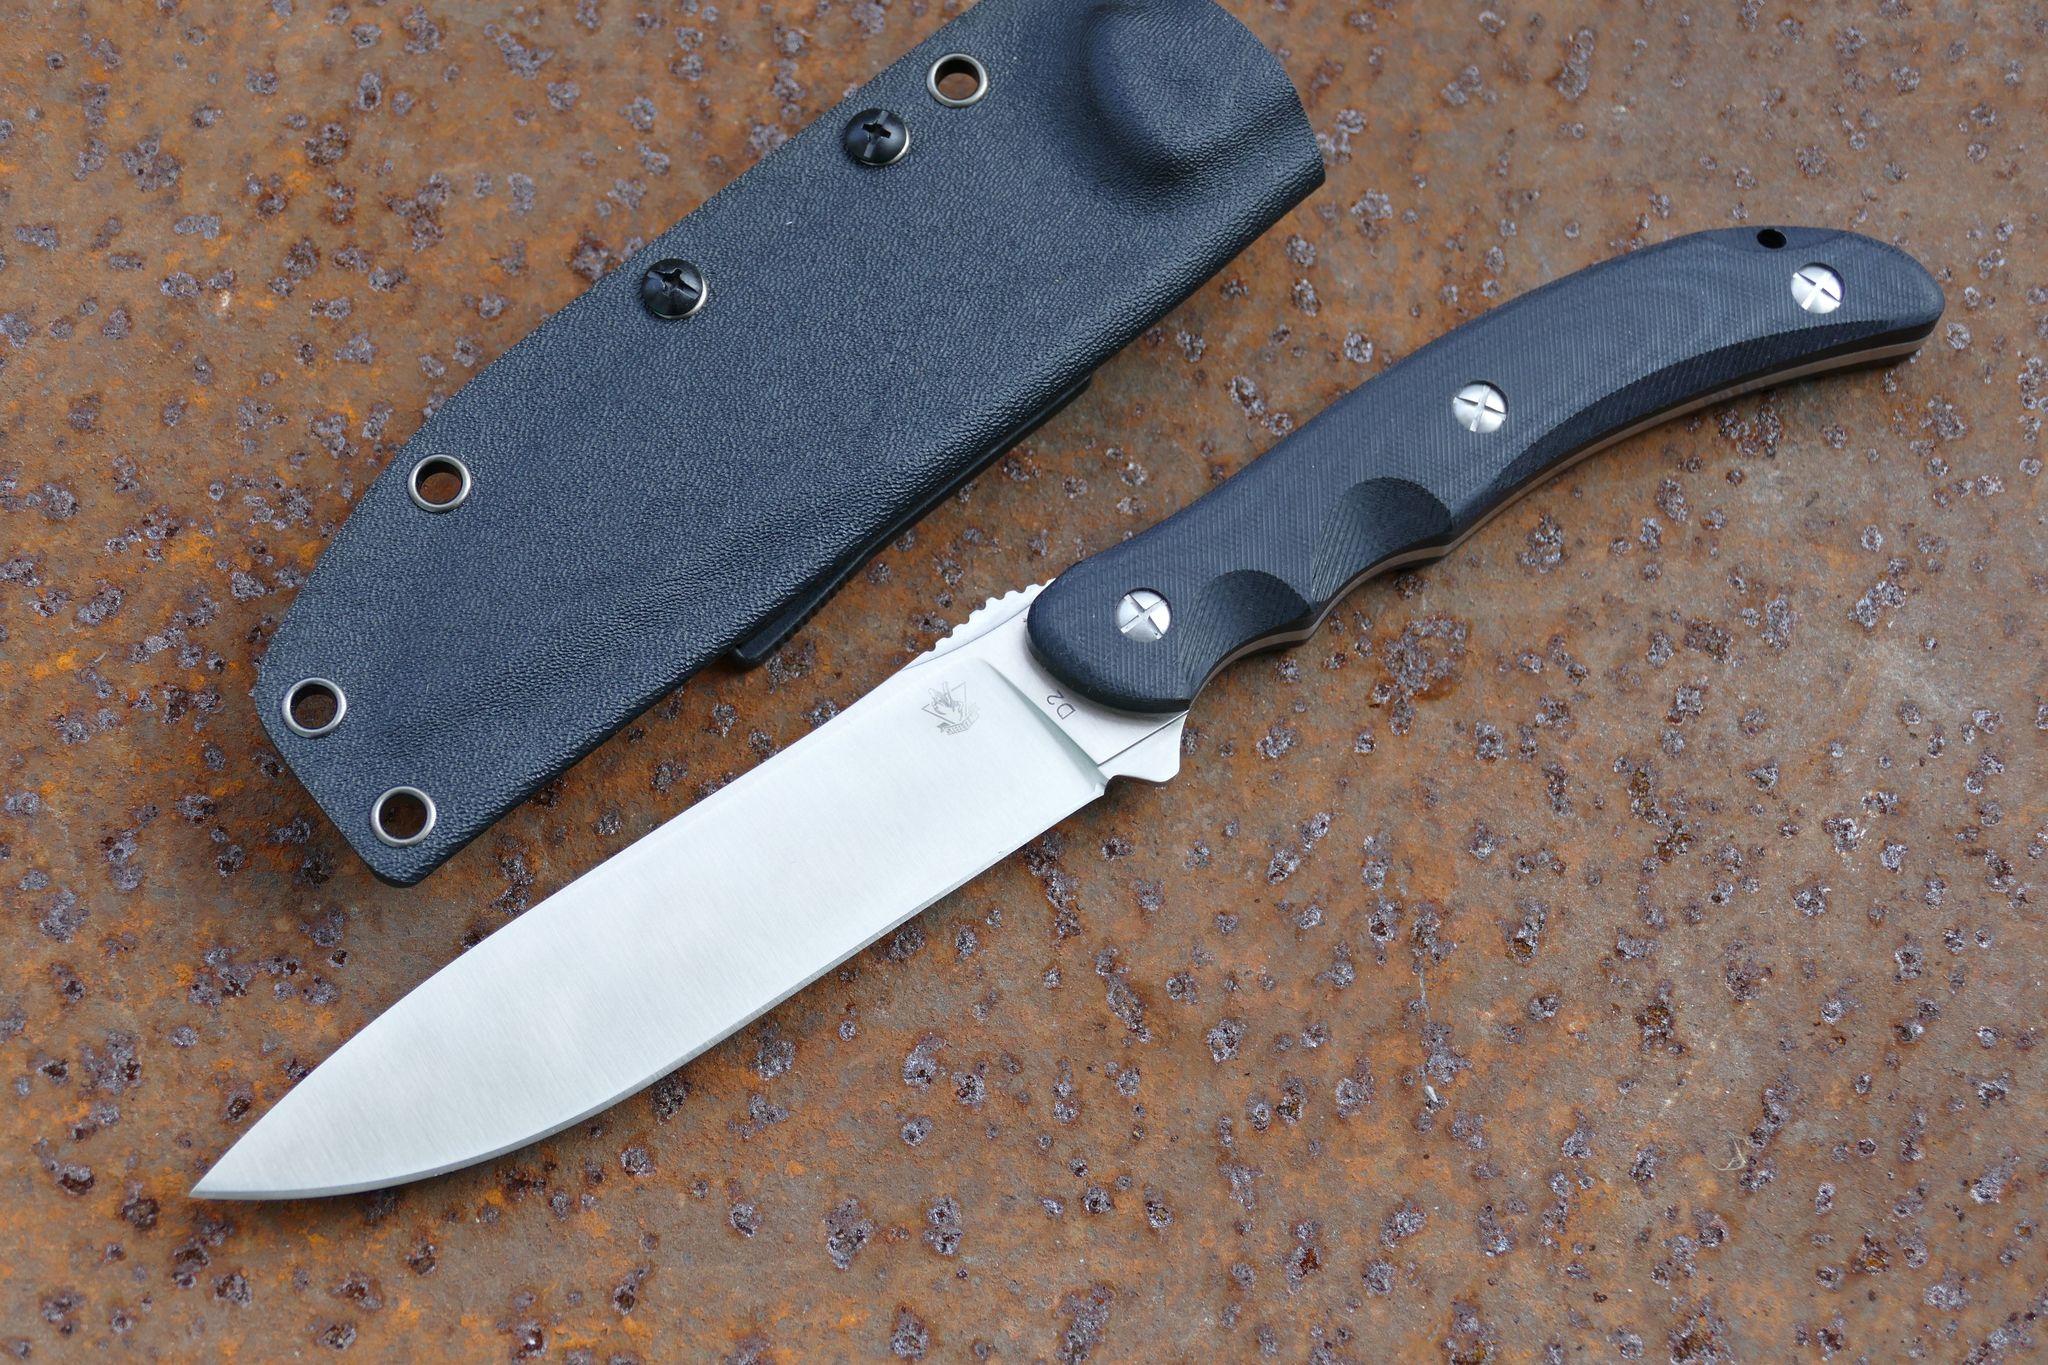 Нож Бастион пензенские обои 586 170 11 бастион 1 рулон